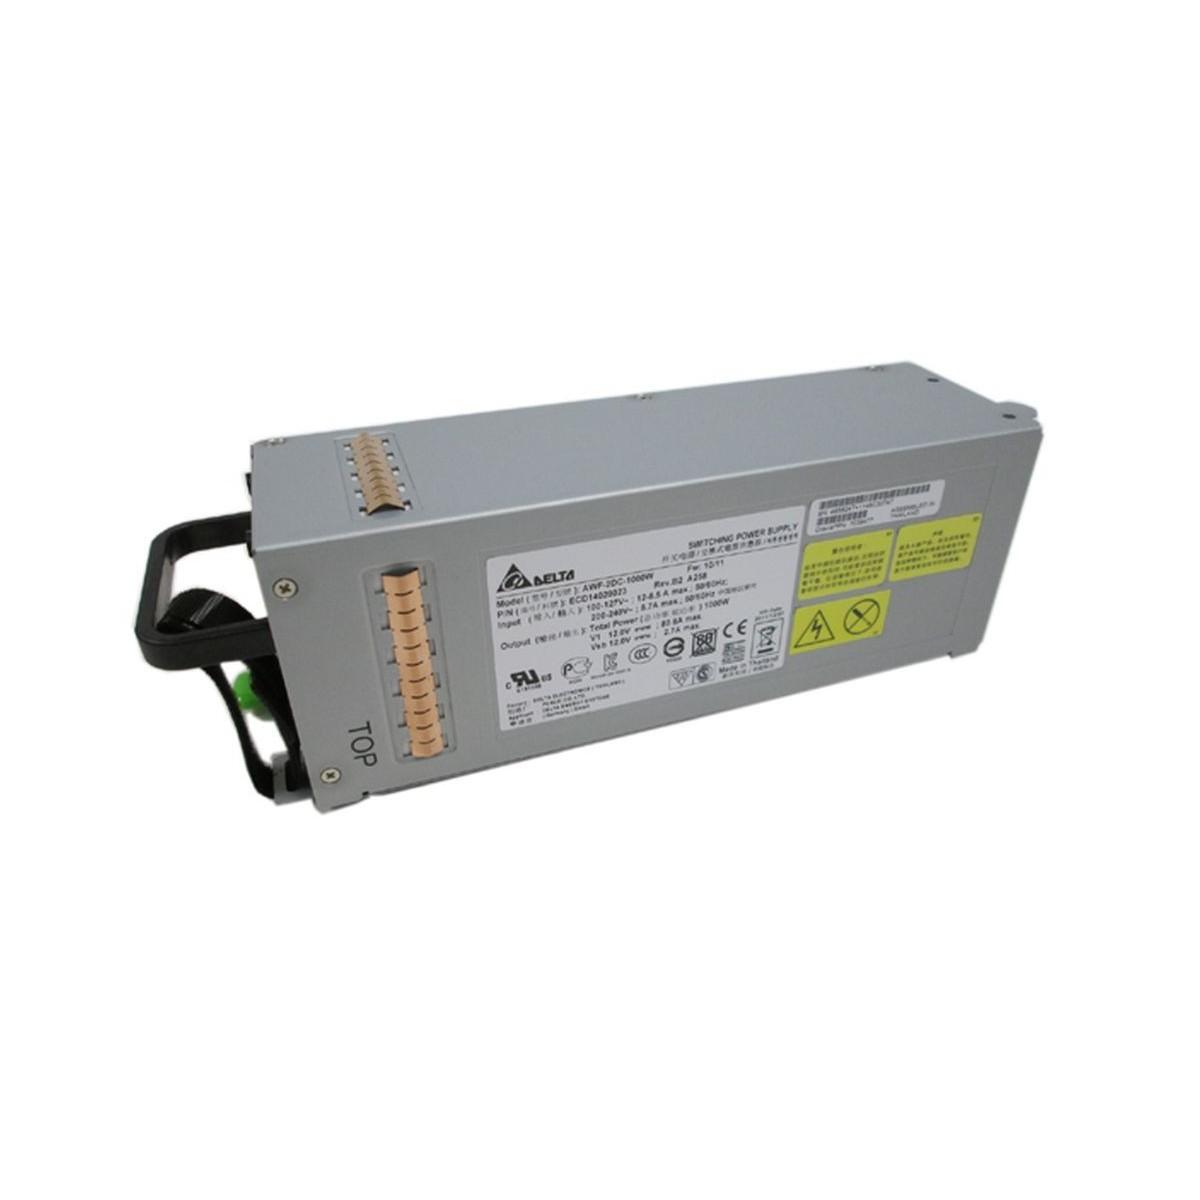 DELL T1700 3.20QC i5-4570 4GB 500GB SATA WIN8 PRO